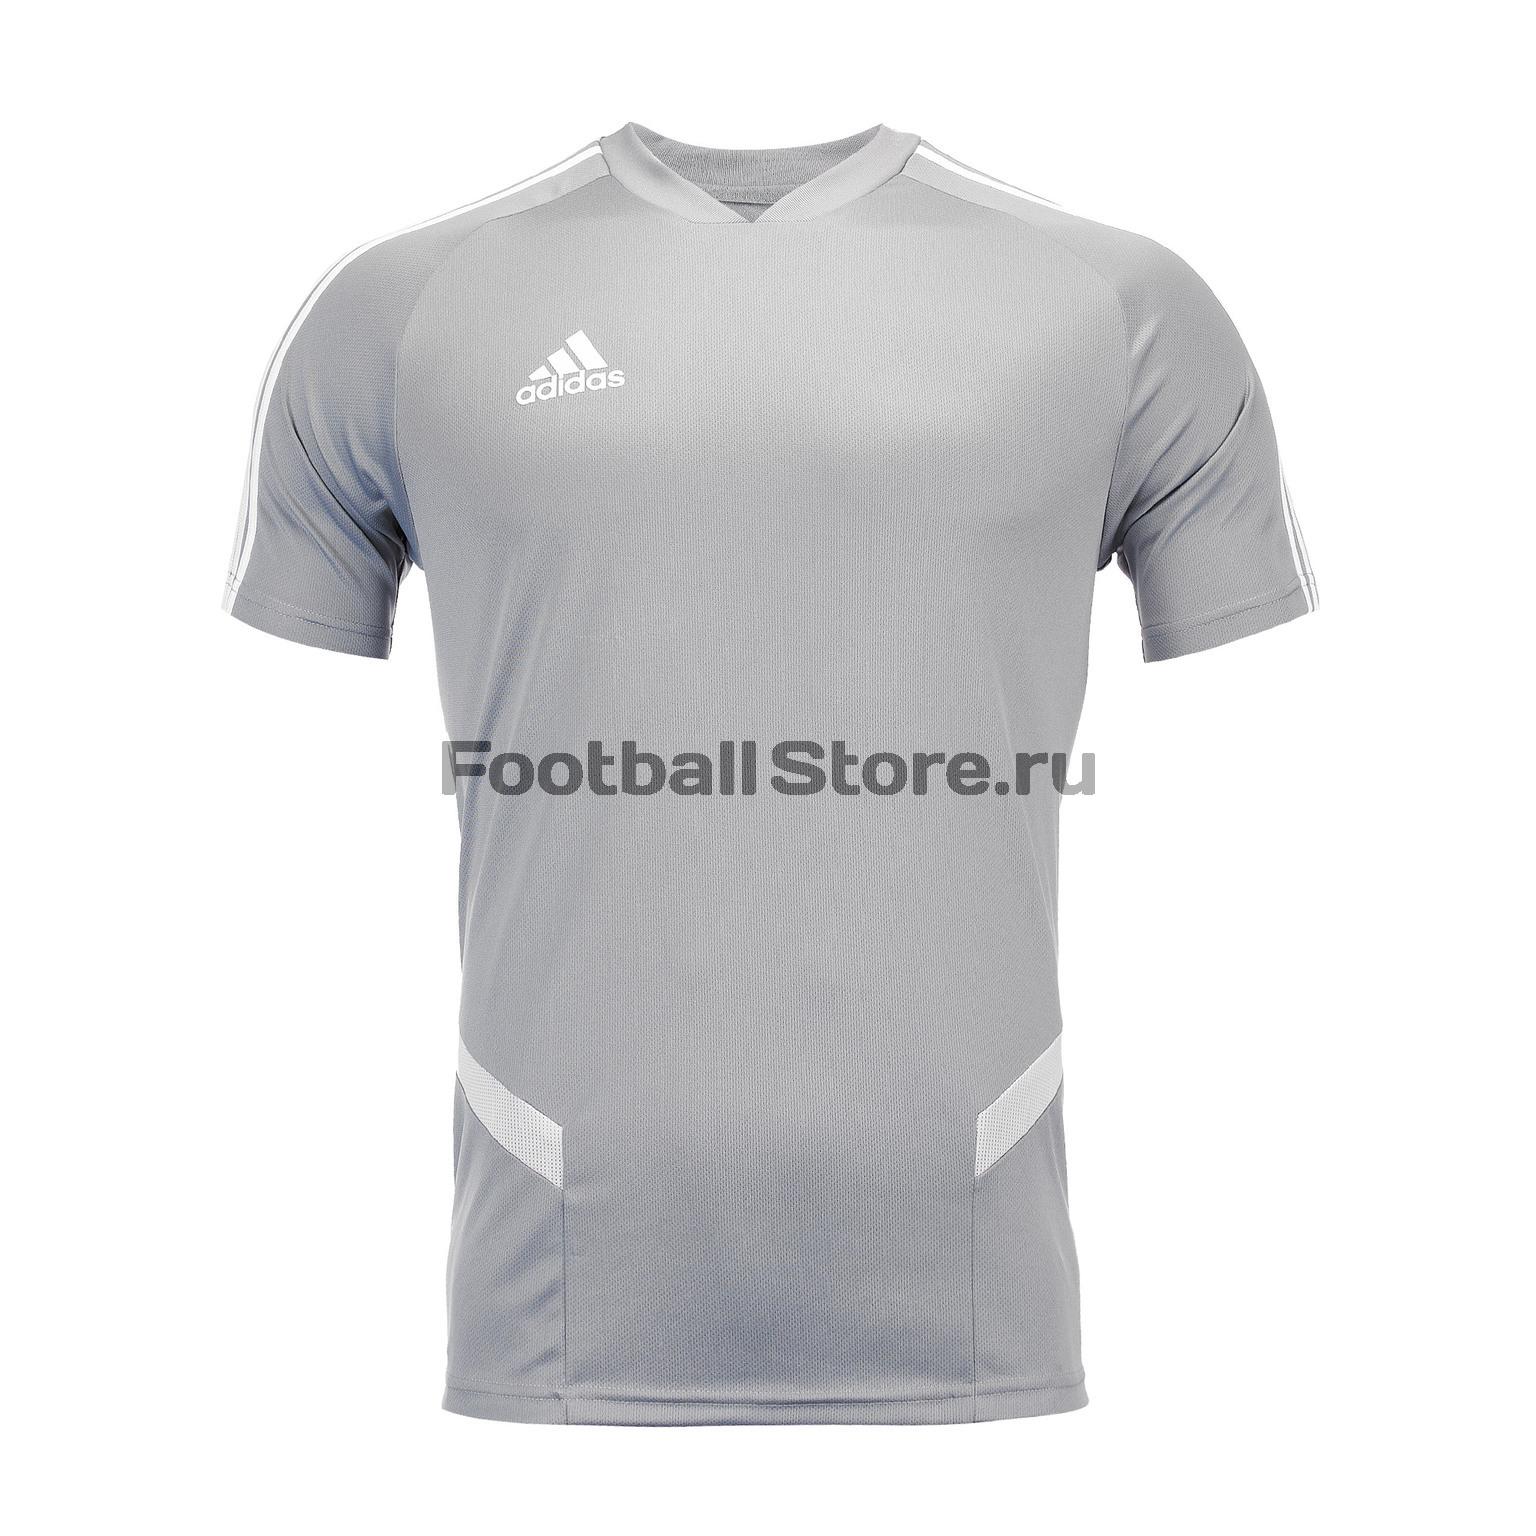 цена Футболка тренировочная Adidas Tiro19 TR JSY DW4807 онлайн в 2017 году